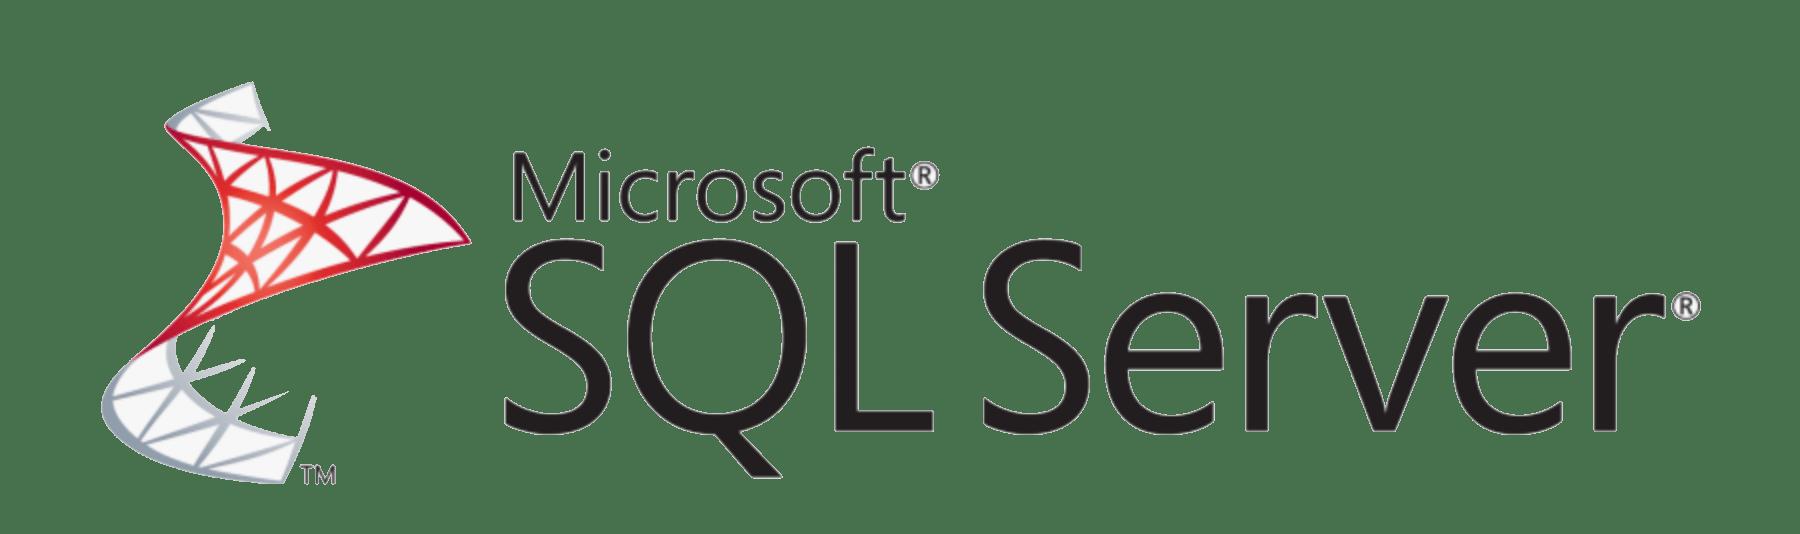 sequel server logo